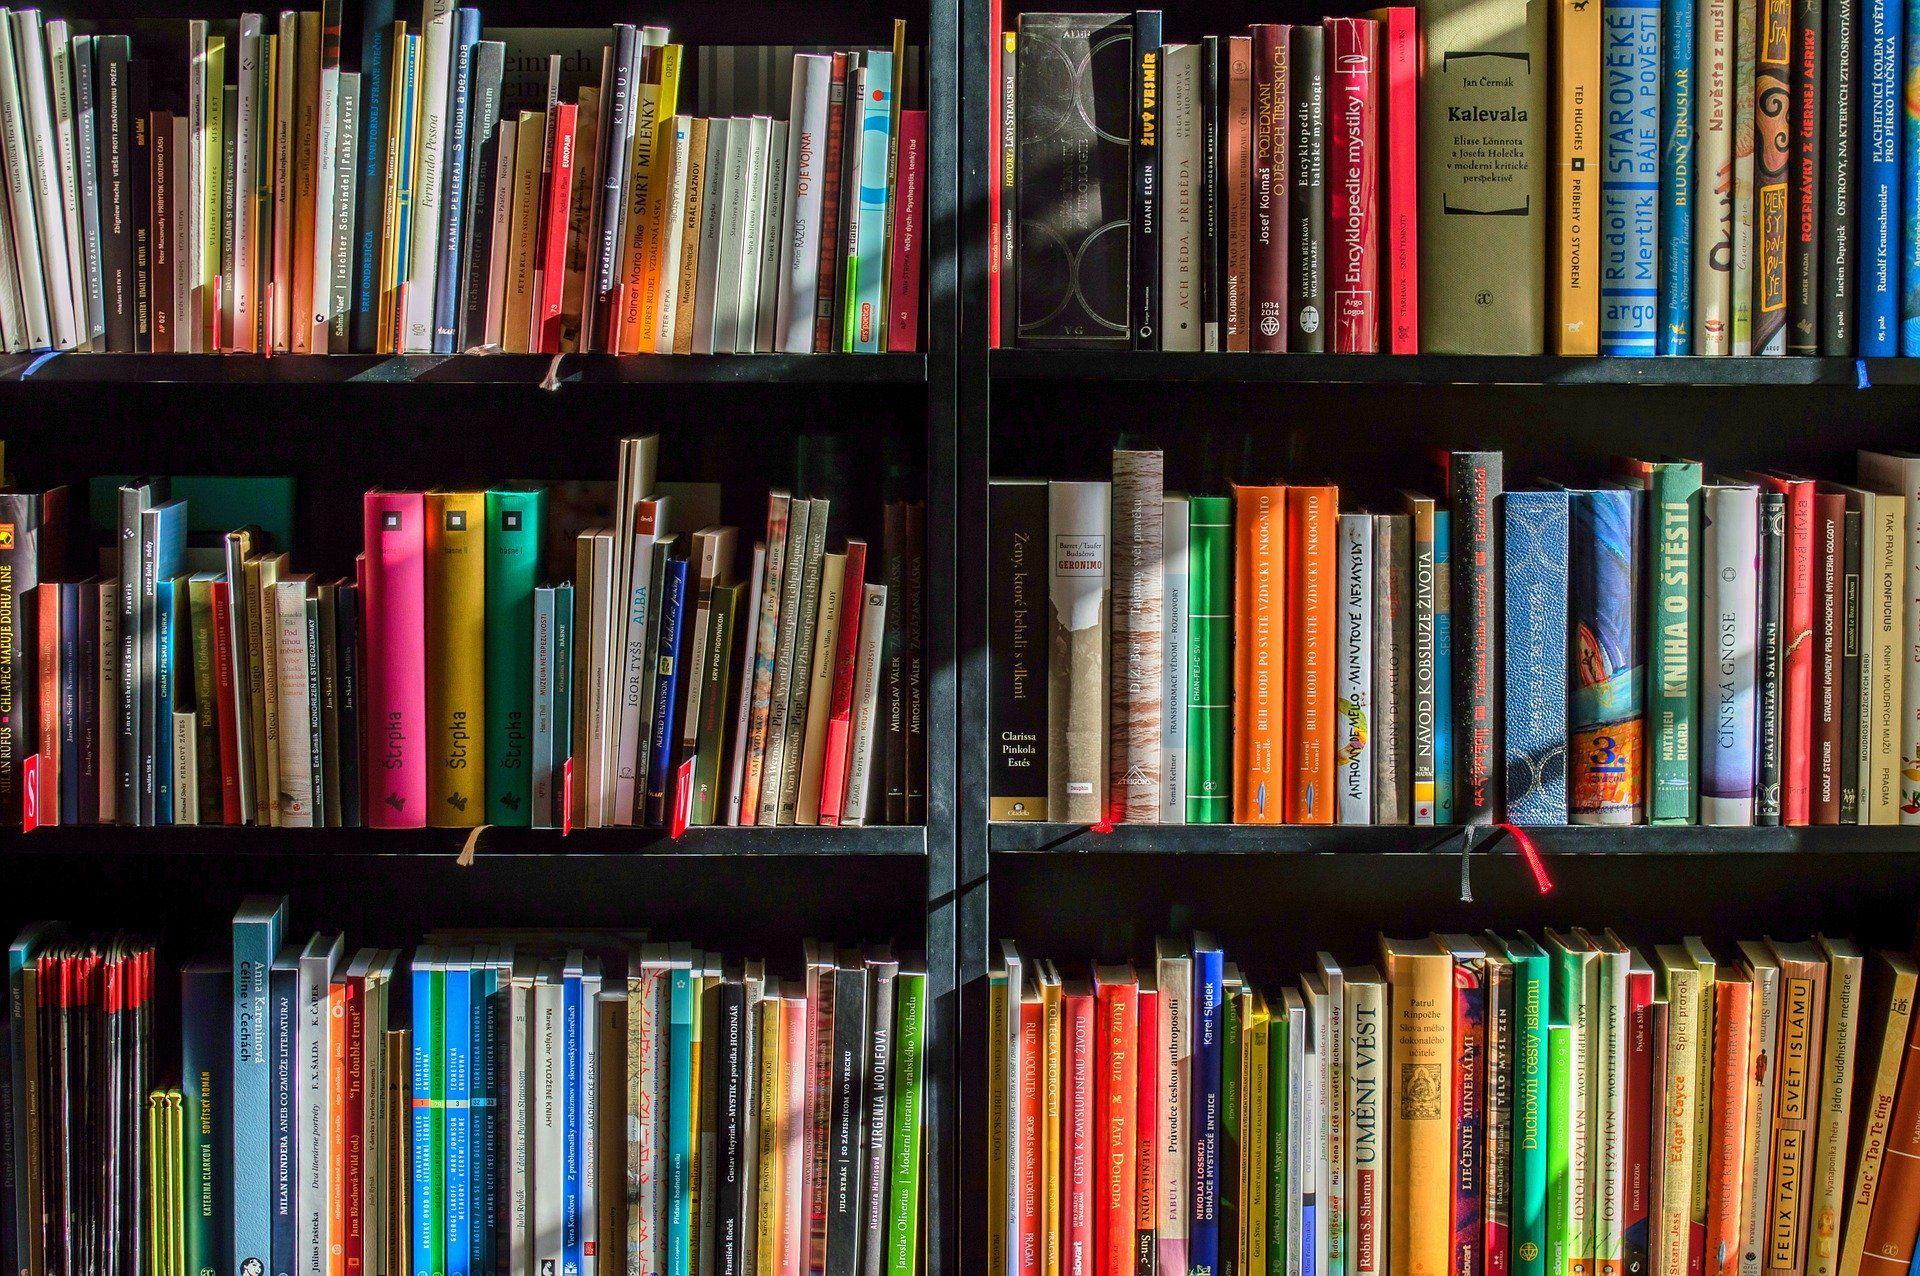 Ein Bücherregal mit vielen bunten Buchrücken.